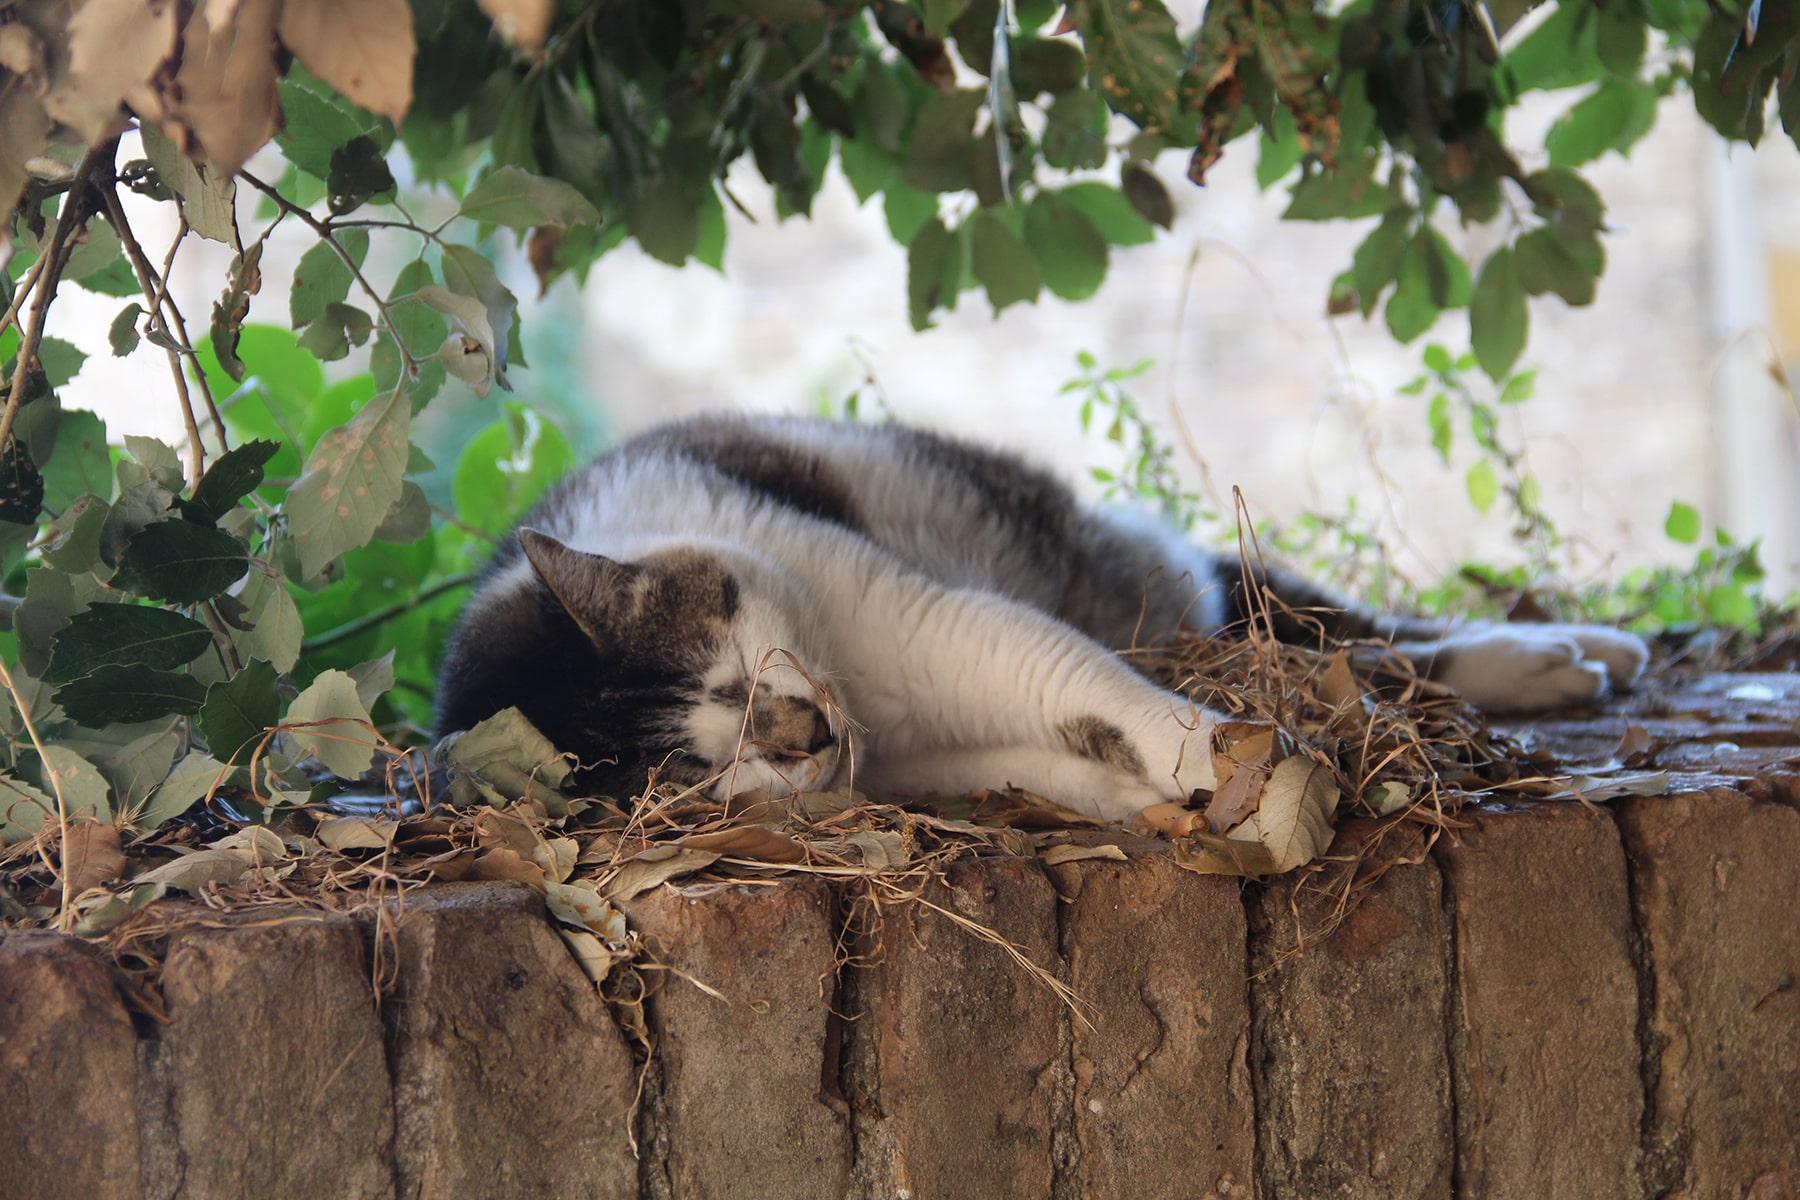 Cat dozing off